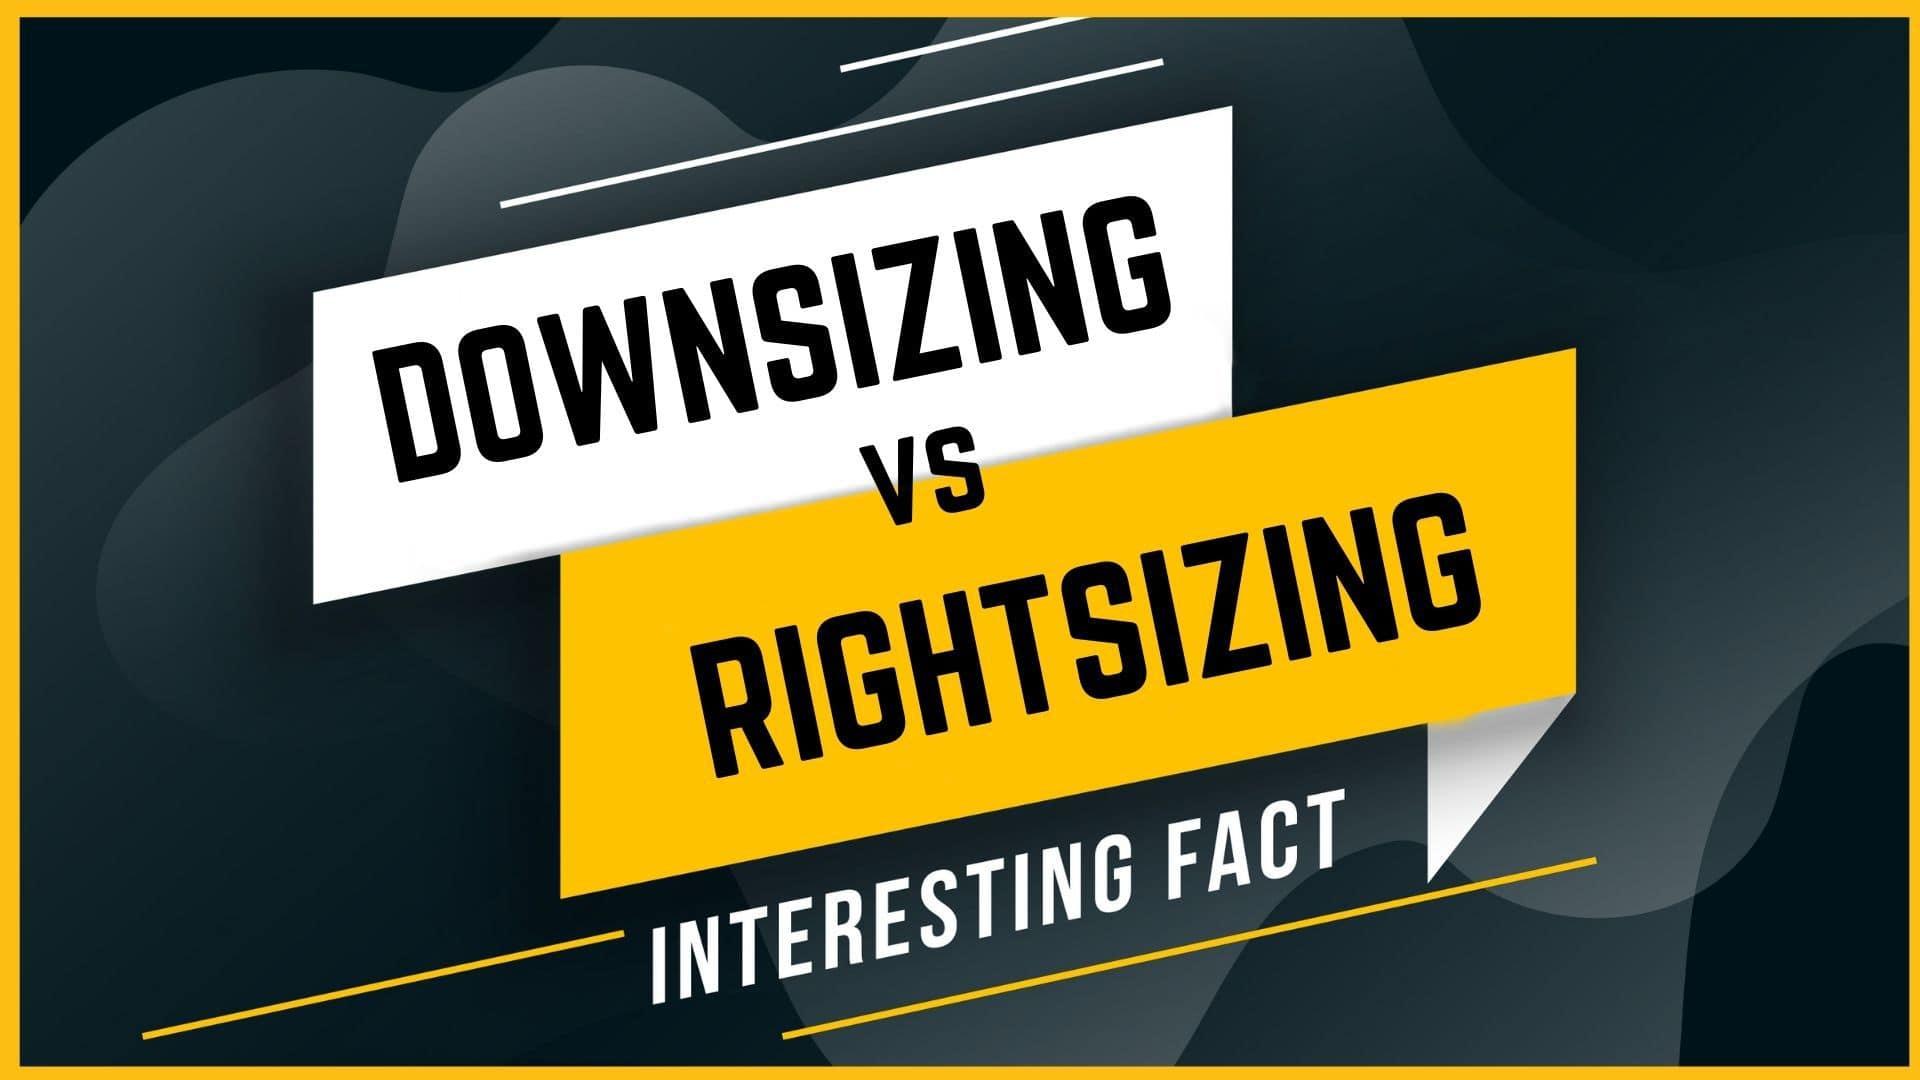 Downsizing vs. Rightsizing